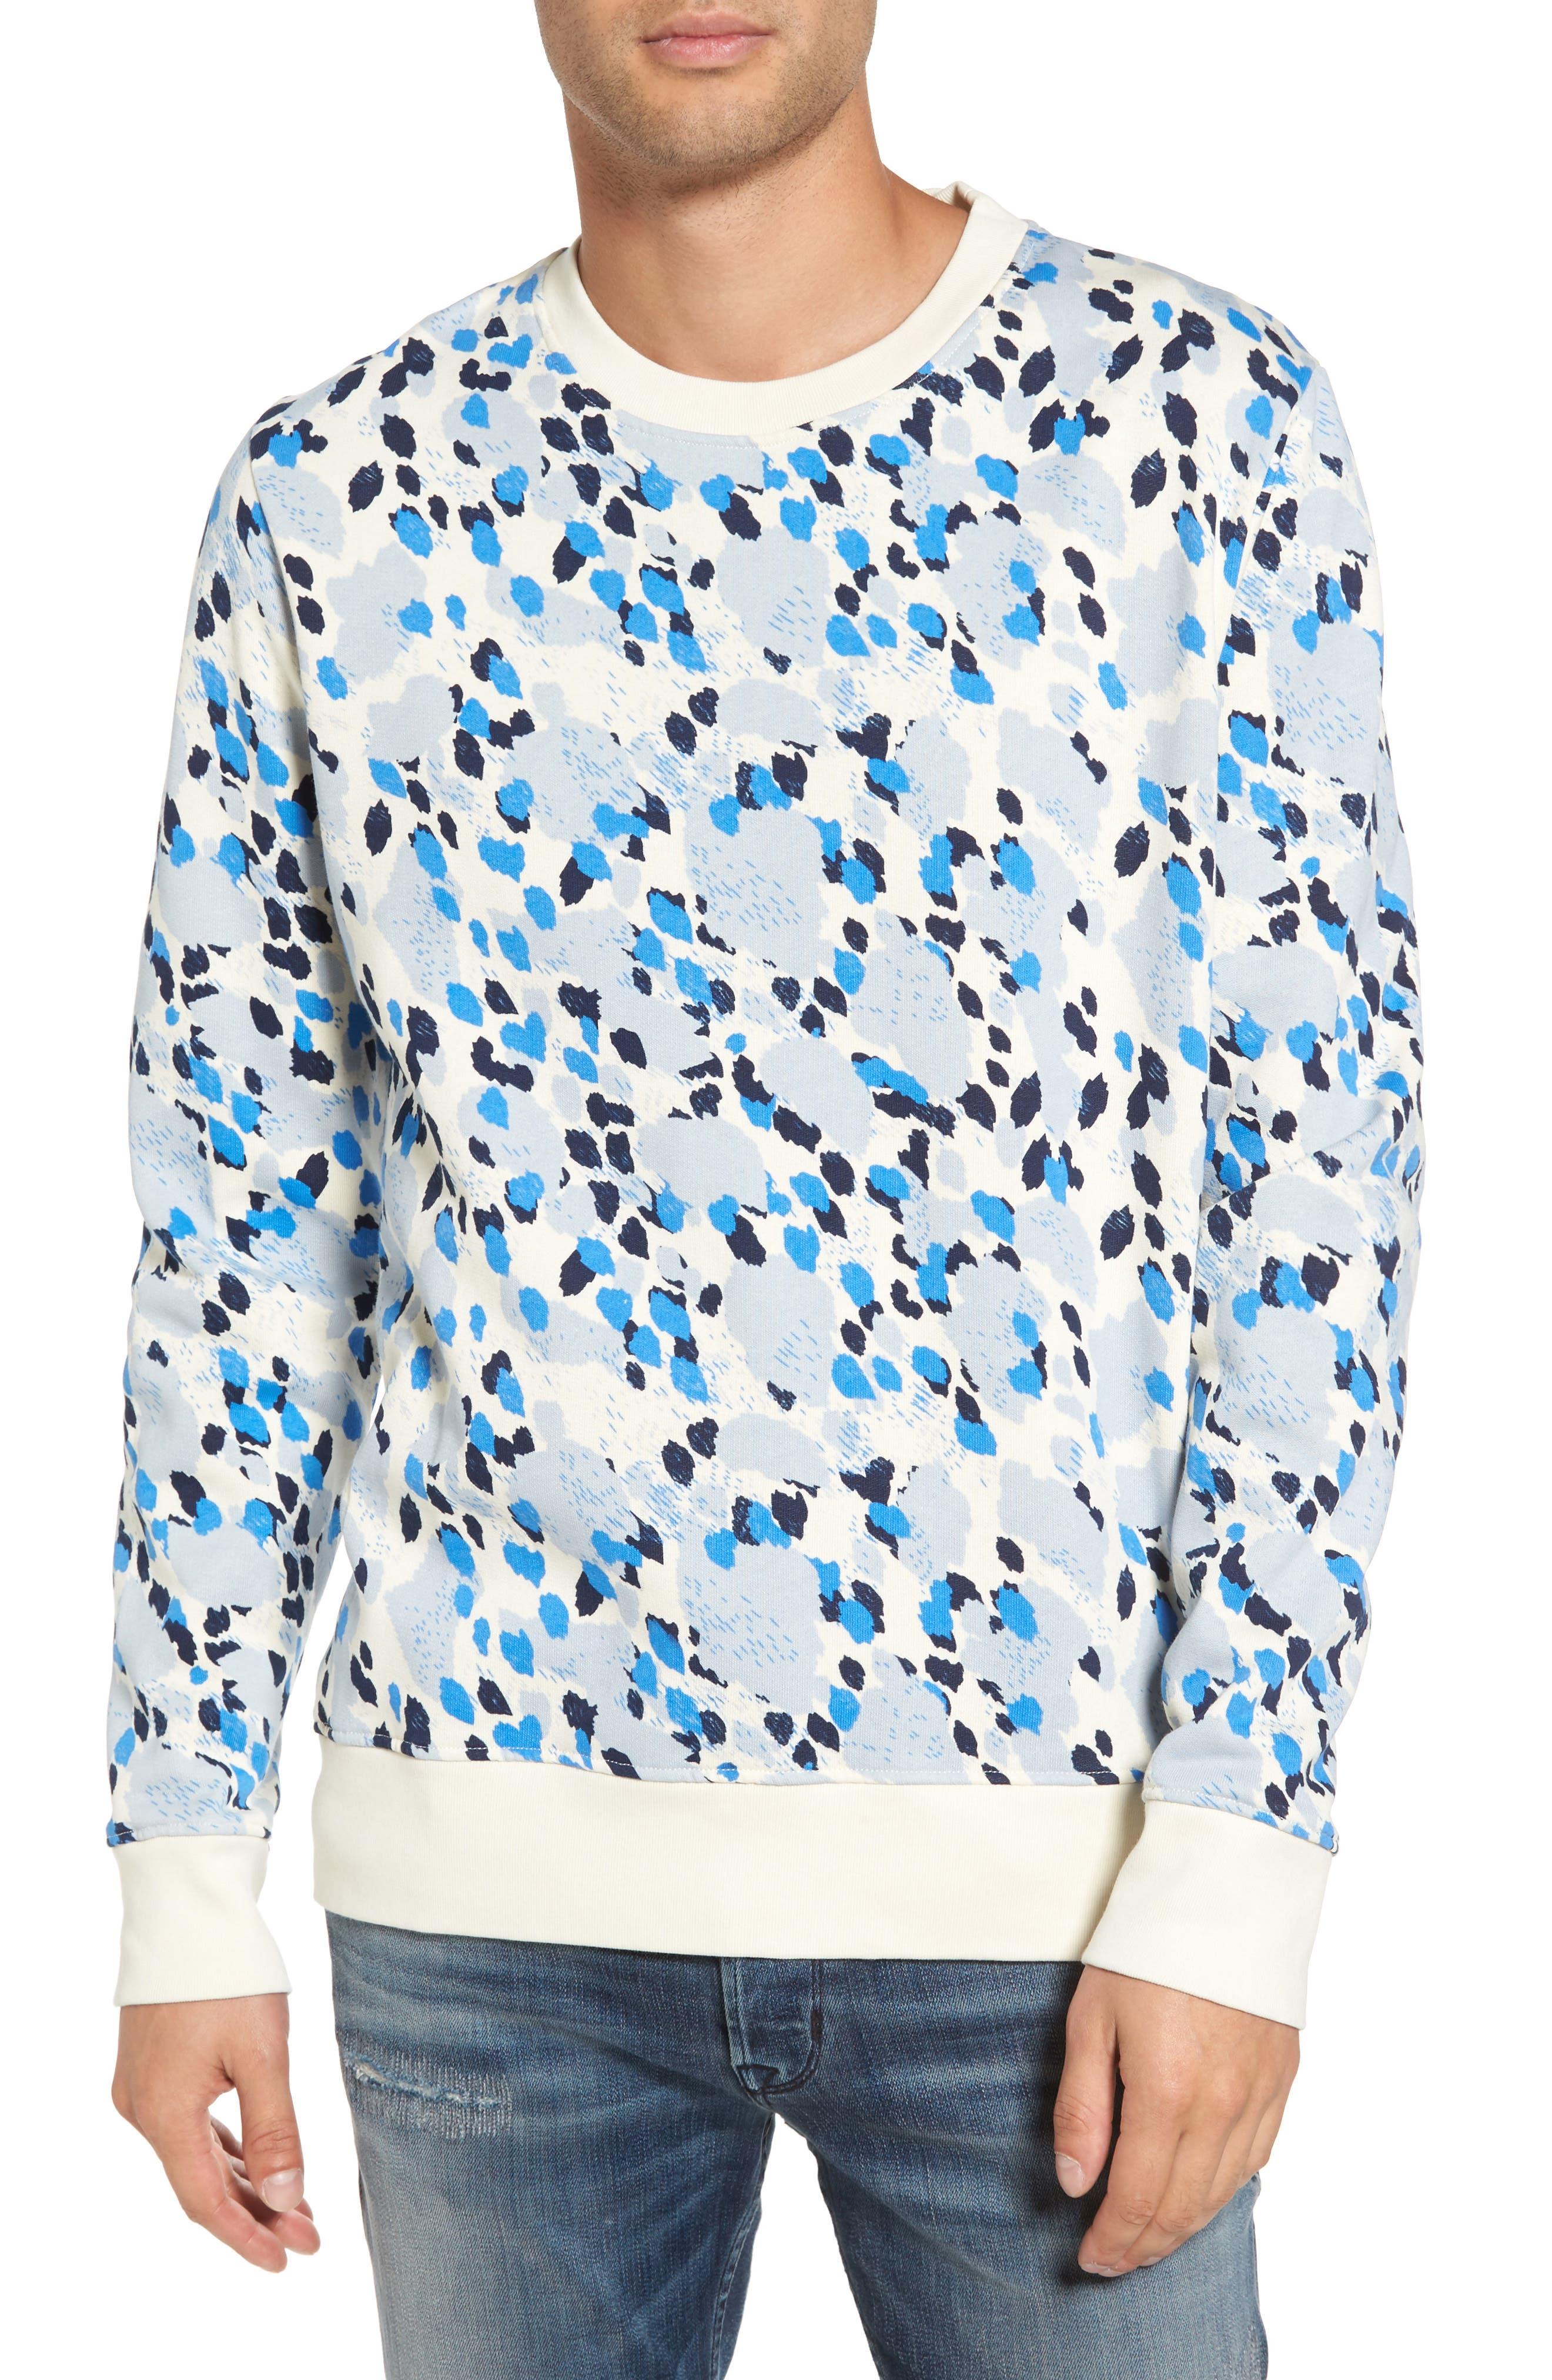 Alternate Image 1 Selected - WeSC Jima Animal Print Sweatshirt